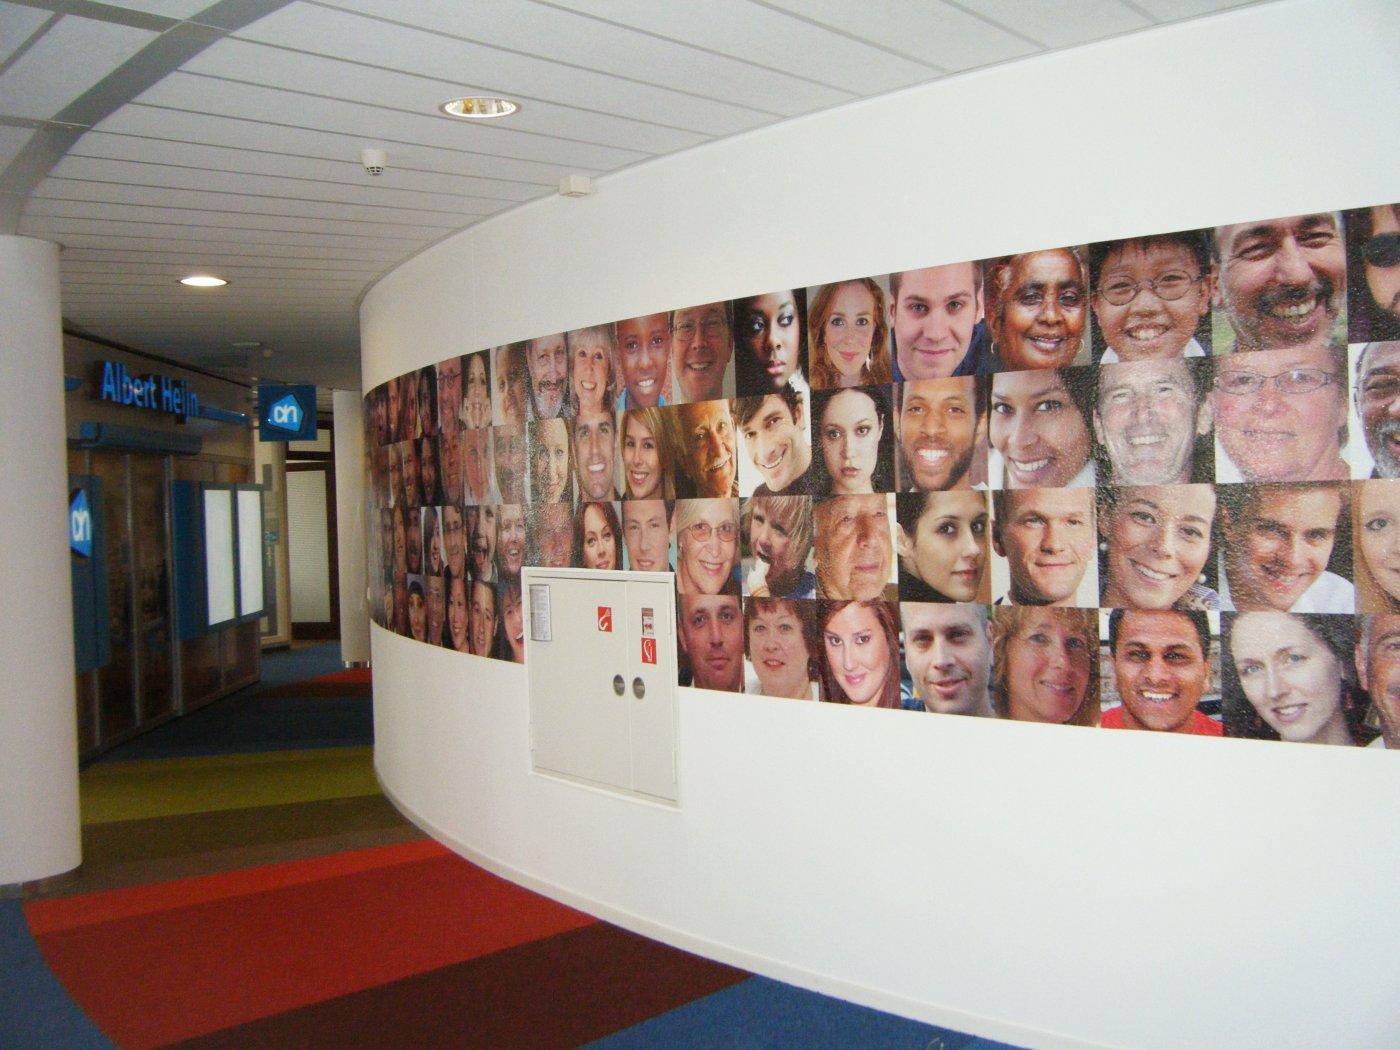 Muurprint hoofdkantoor Albert Heijn